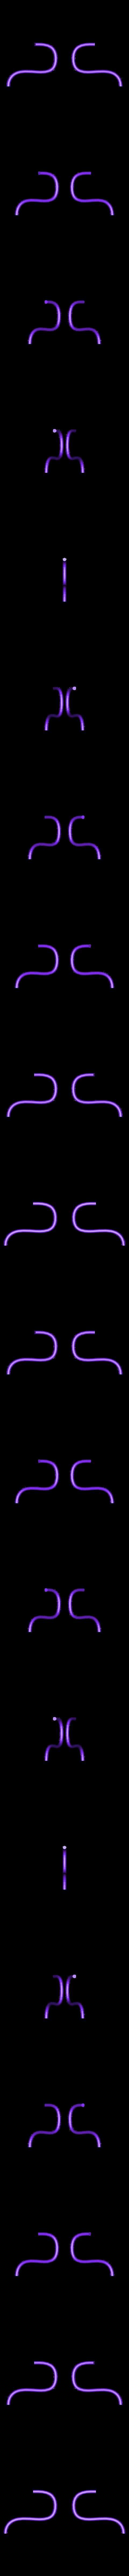 Bentwood_Arms.stl Télécharger fichier STL gratuit 1:24 Chaise Thonet • Modèle pour impression 3D, gabutoillegna56